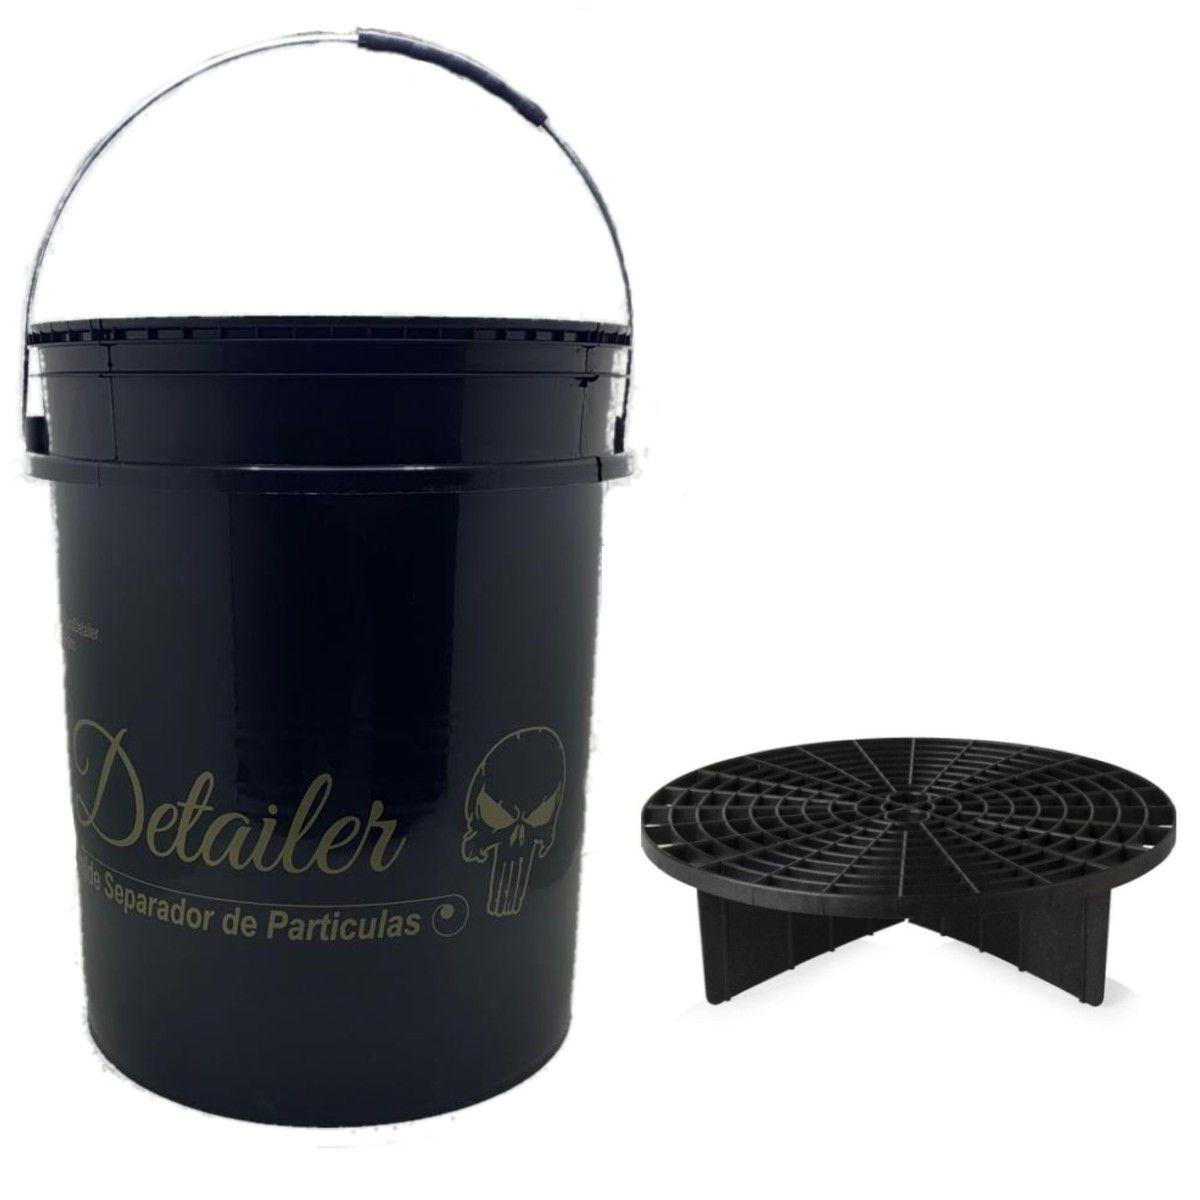 Balde Com Separador De Partículas Preto 18 Litros Detailer / Mandala + Escova Caixa de Roda Pequena